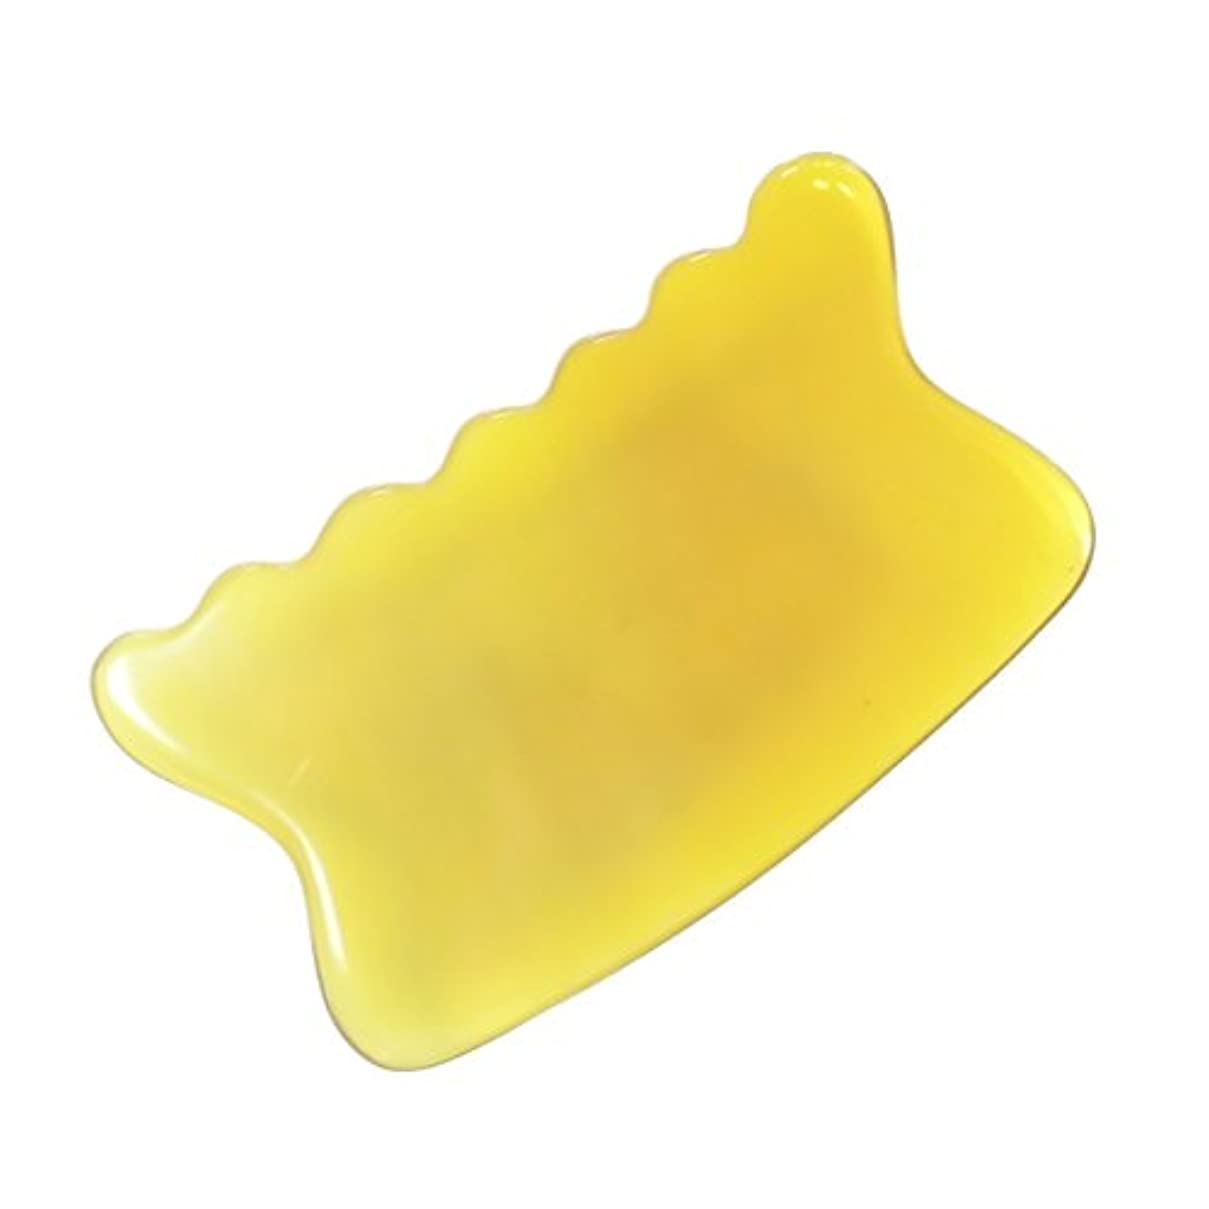 ジェーンオースティン極小歌手かっさ プレート 希少55 黄水牛角 極美品 曲波型